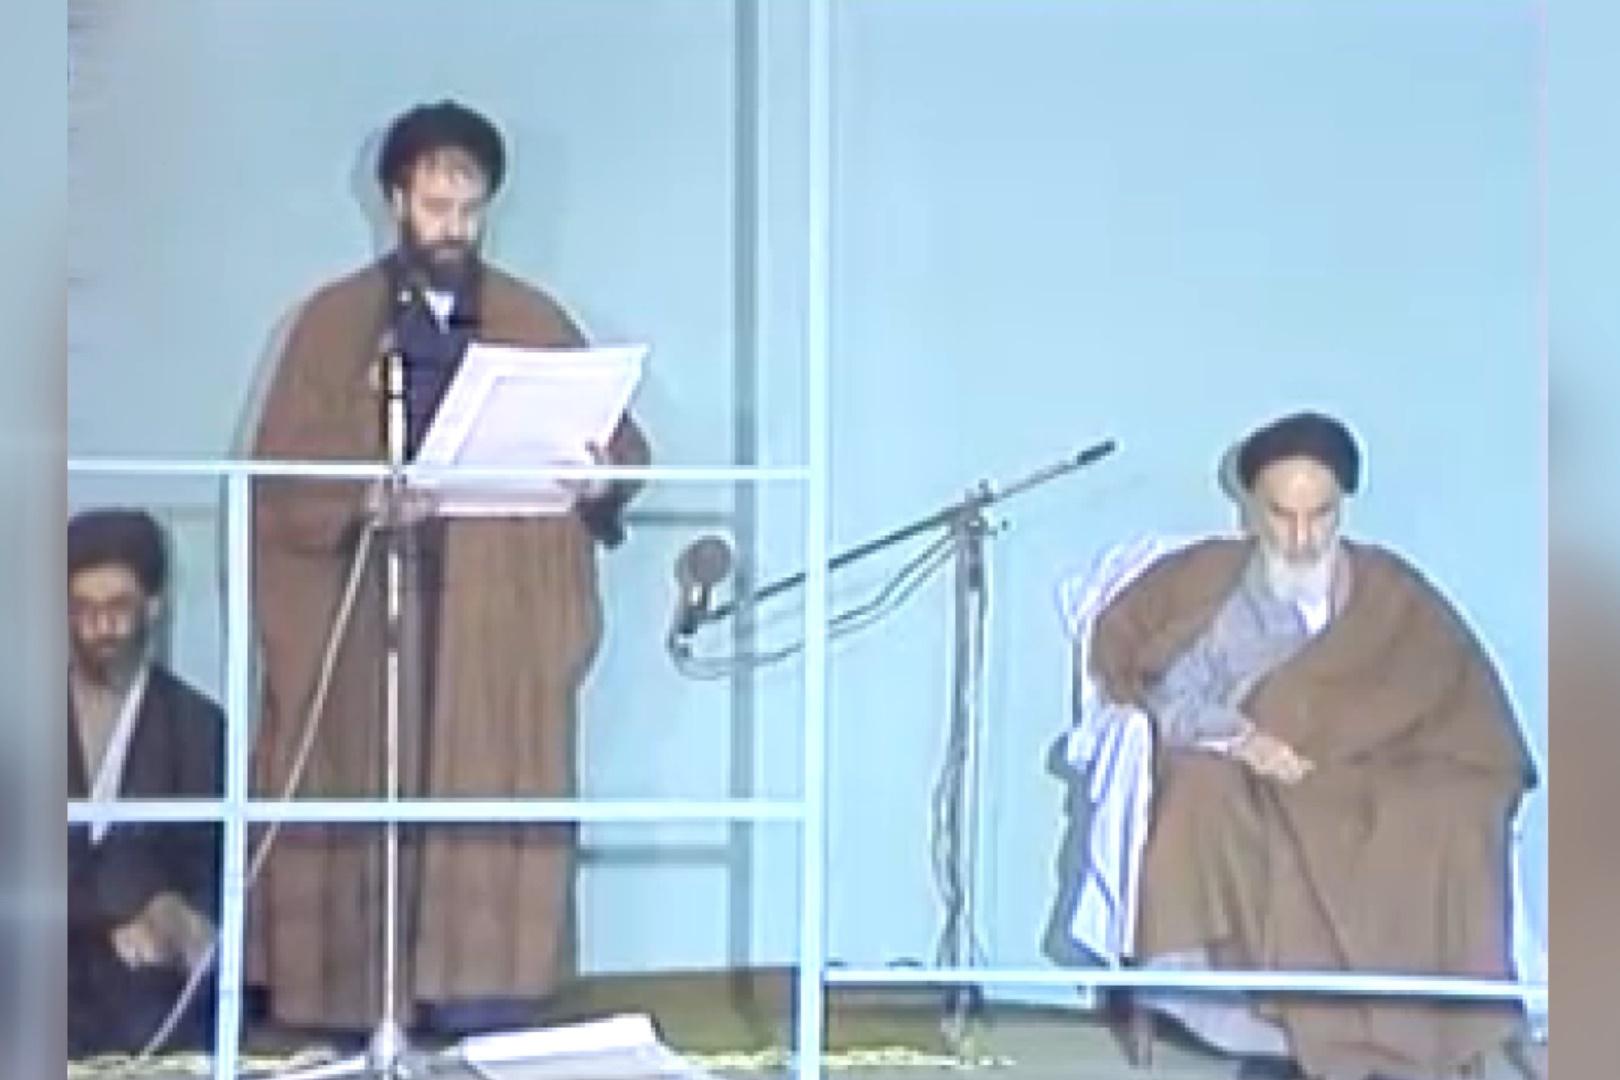 فیلم | قرائت حکم تنفیذ امام برای آیتالله خامنهای توسط حاج احمدآقا